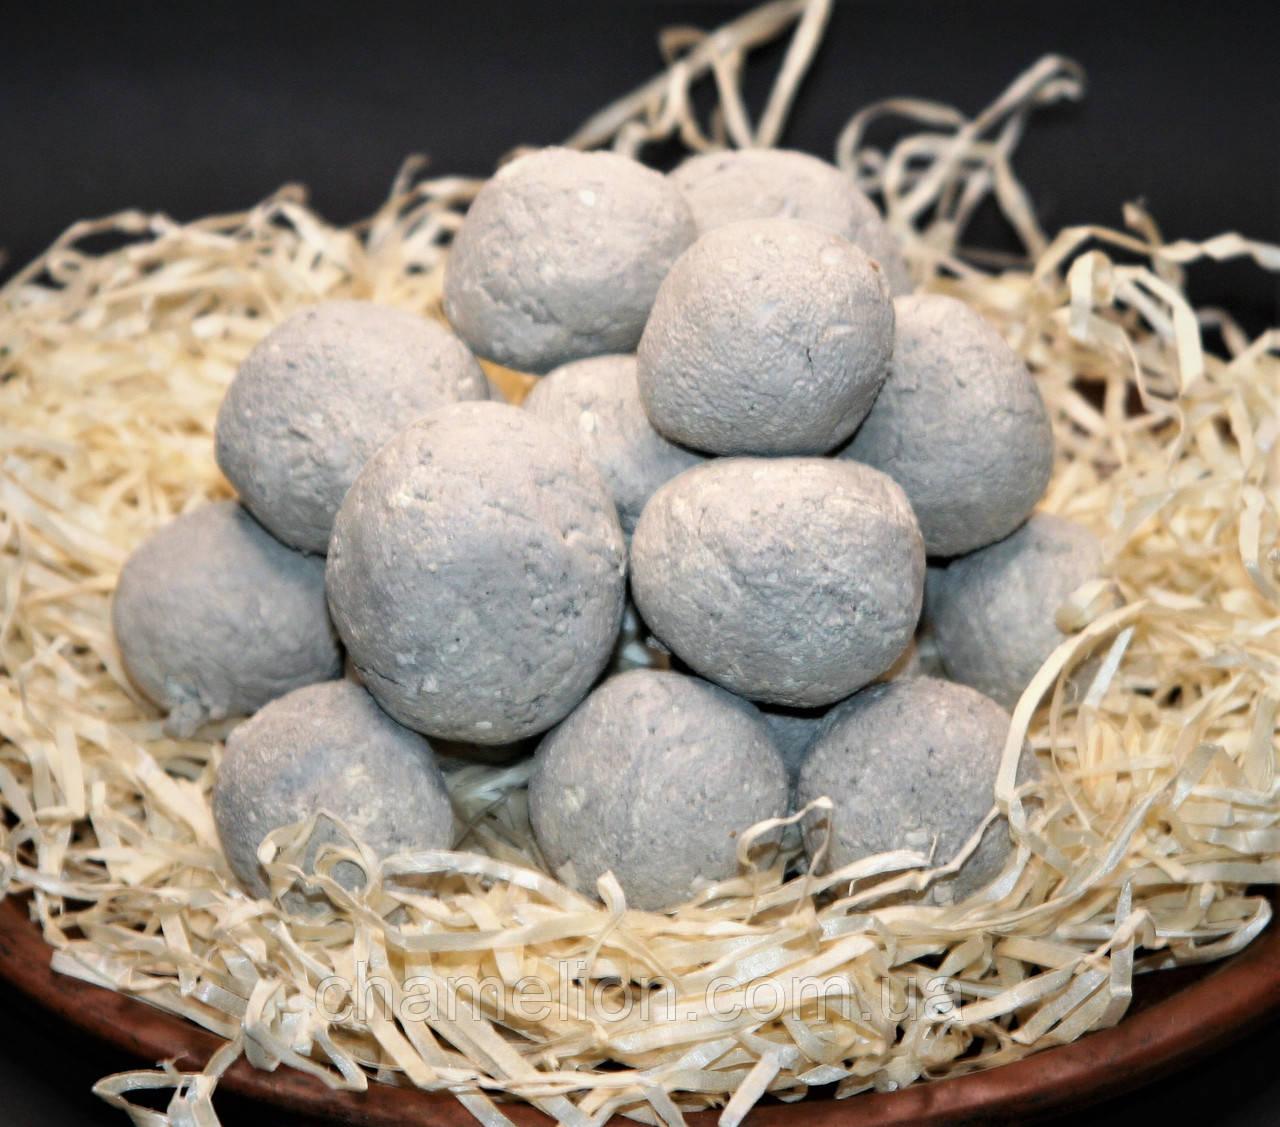 Шарики из белой глины и голубой глины 1 кг